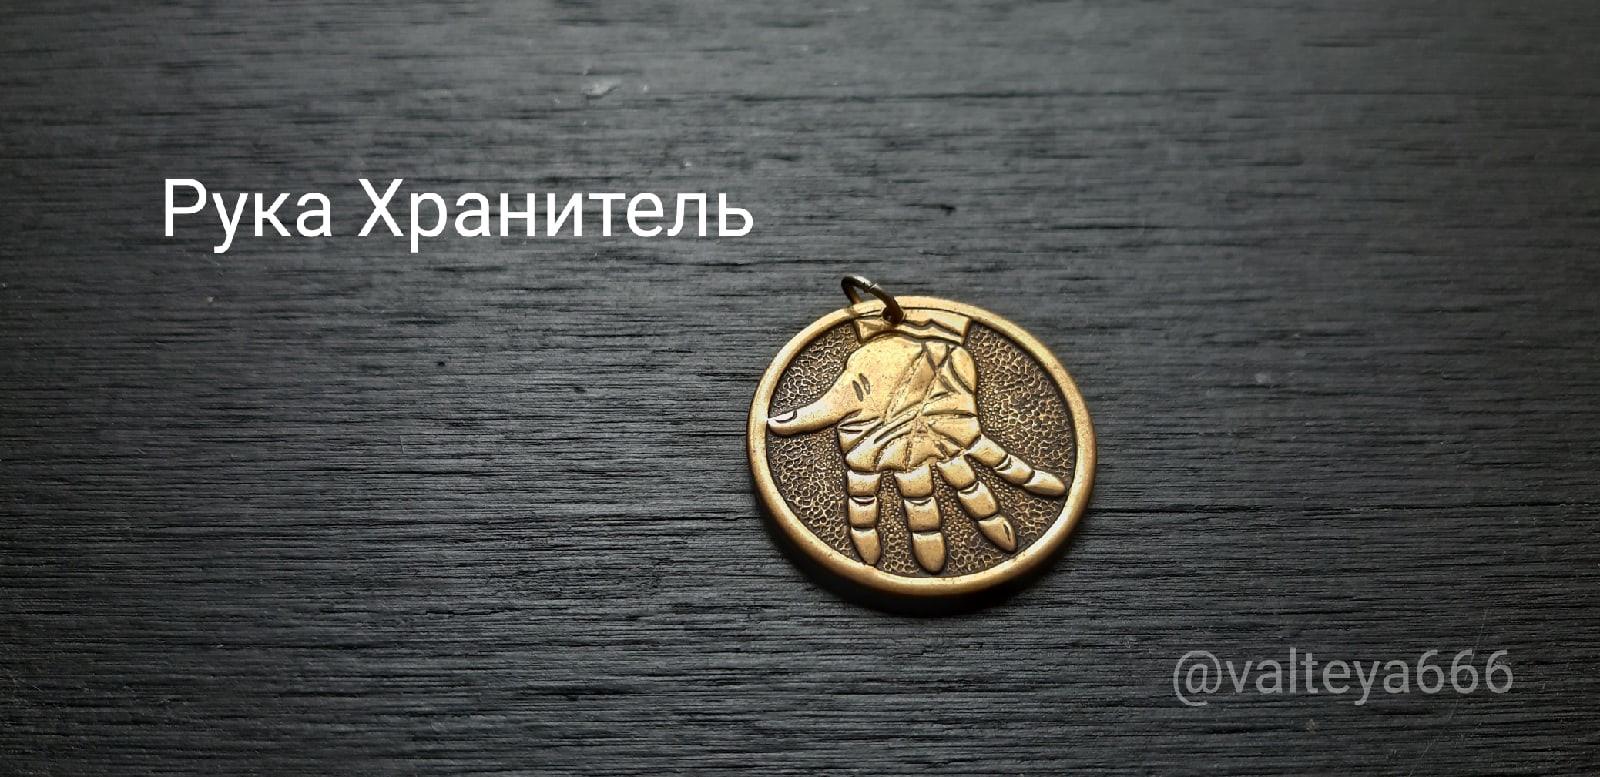 киев - Амулеты, талисманы, обереги из металла. - Страница 2 LbeUUFa_0eU